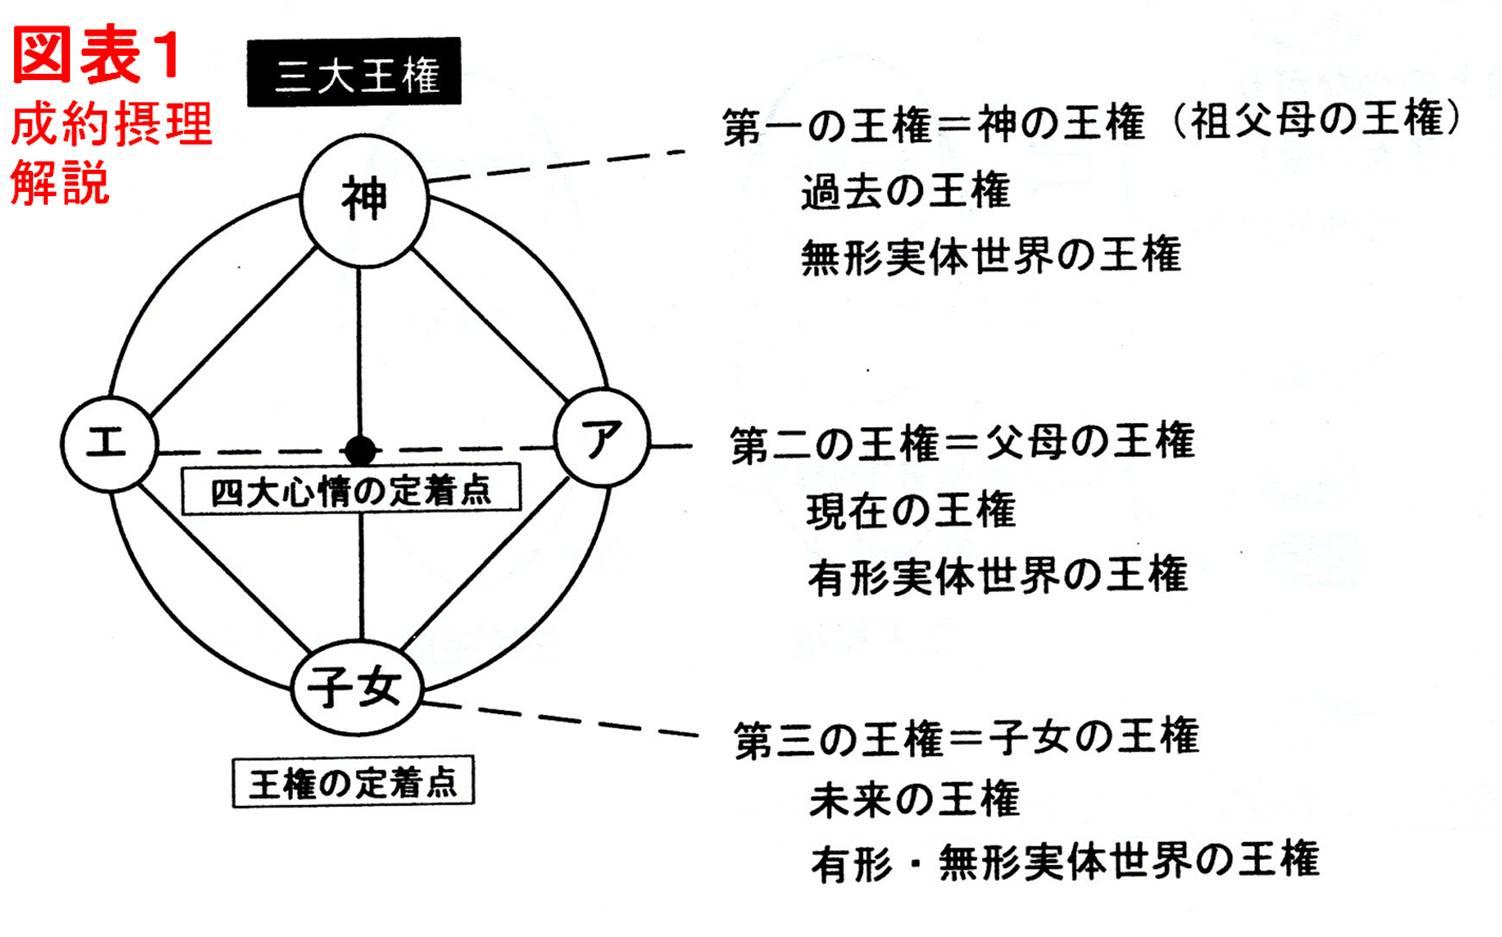 1図表.jpg